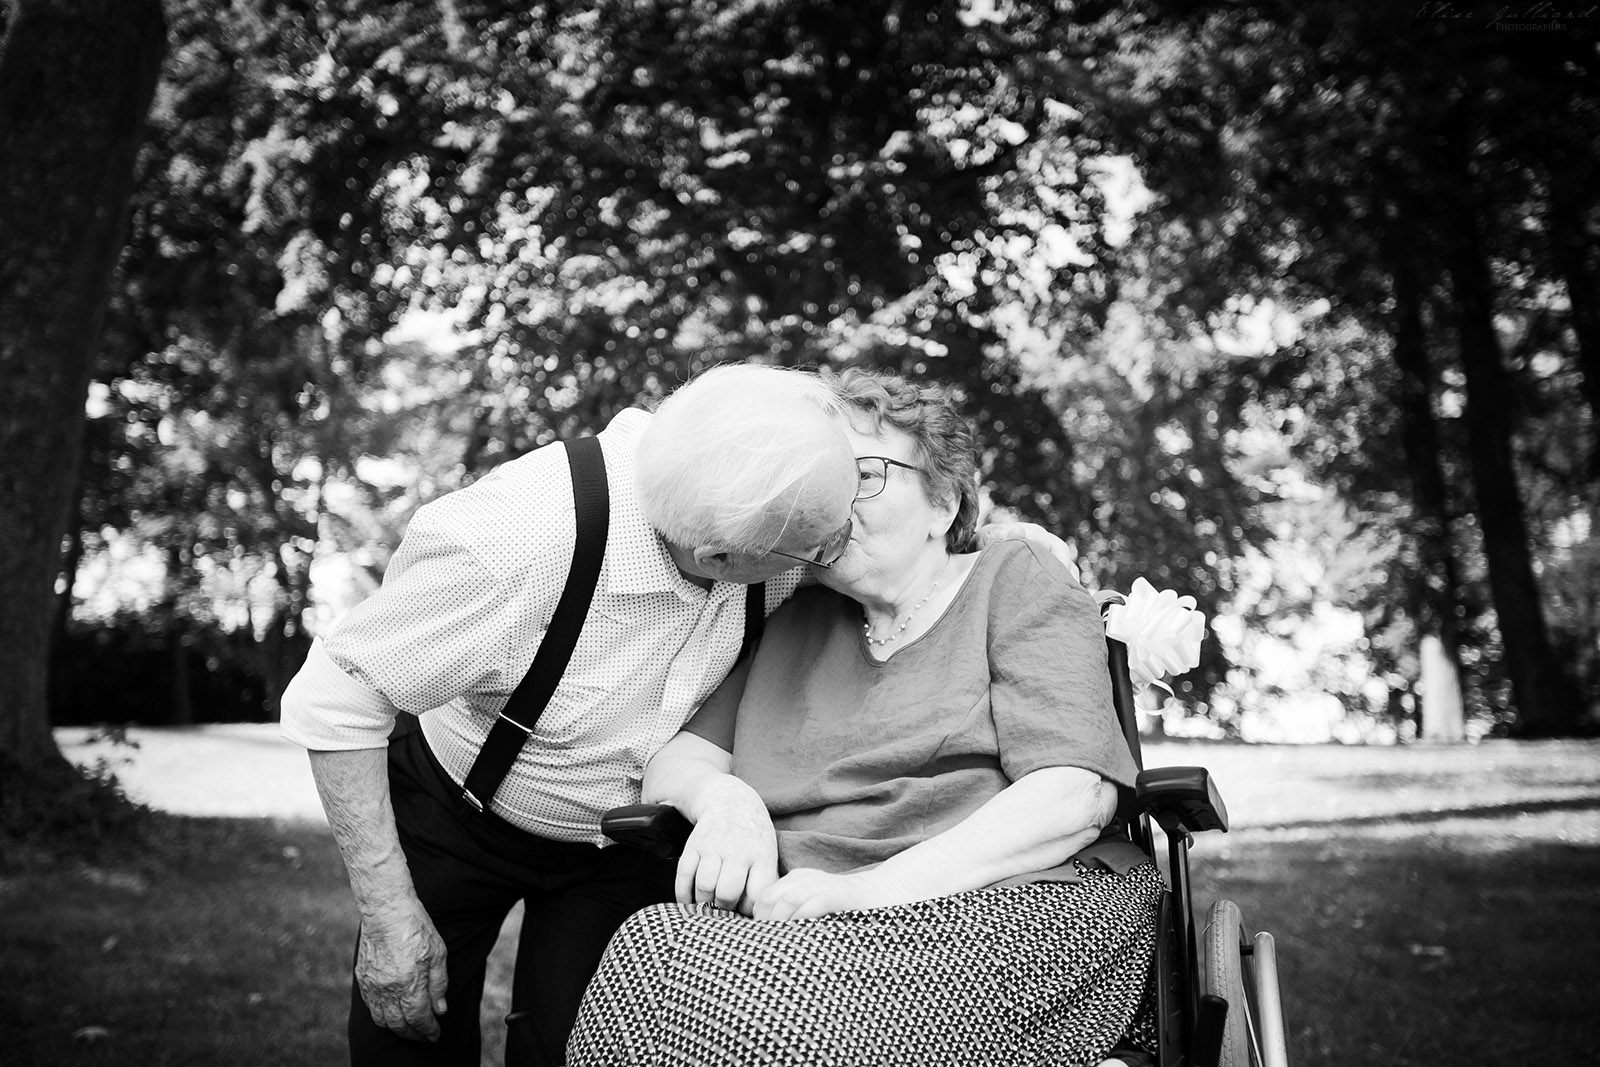 photographe-mariage-lyon-auvergne-rhone-alpes-beaujolais-mont-du-lyonnais-manoir-de-tourville-brindas-wedding-photographer-2